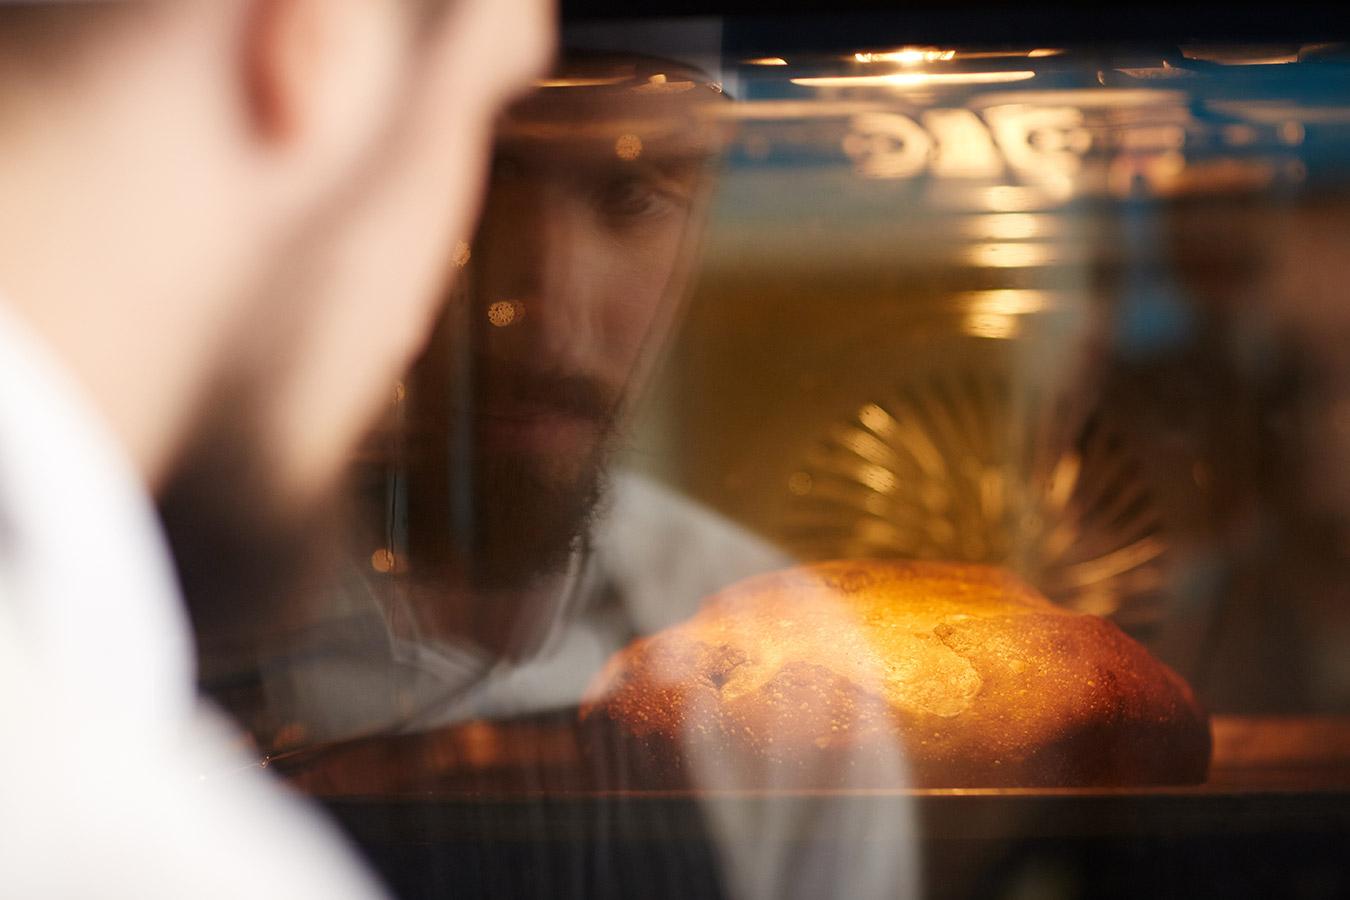 Jak upiec idealny chleb? Sprawdzone porady kulinarne dotyczące pieczenia chleba